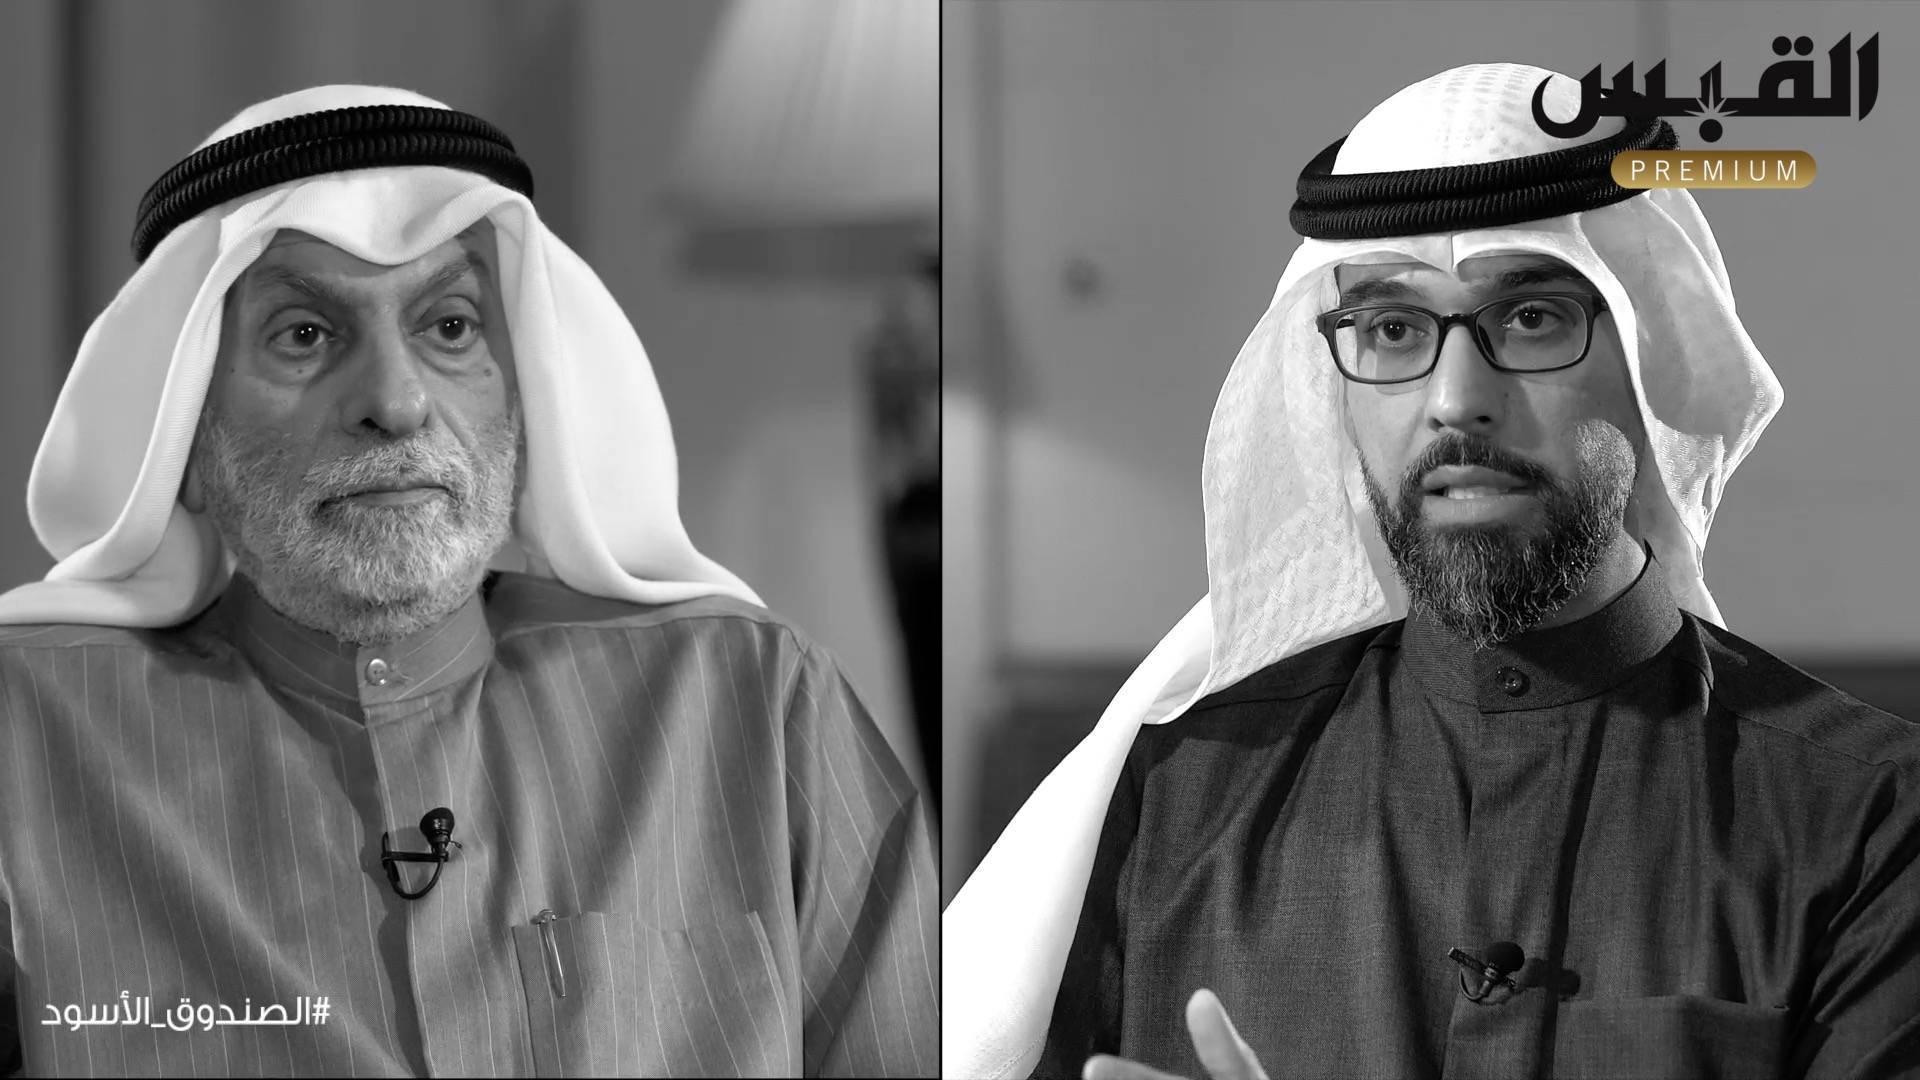 الجزء الأول والثاني من حلقات «ردود وتوضيحات» الدكتور عبدالله النفيسي على ما أثير في برنامج «الصندوق الأسود»